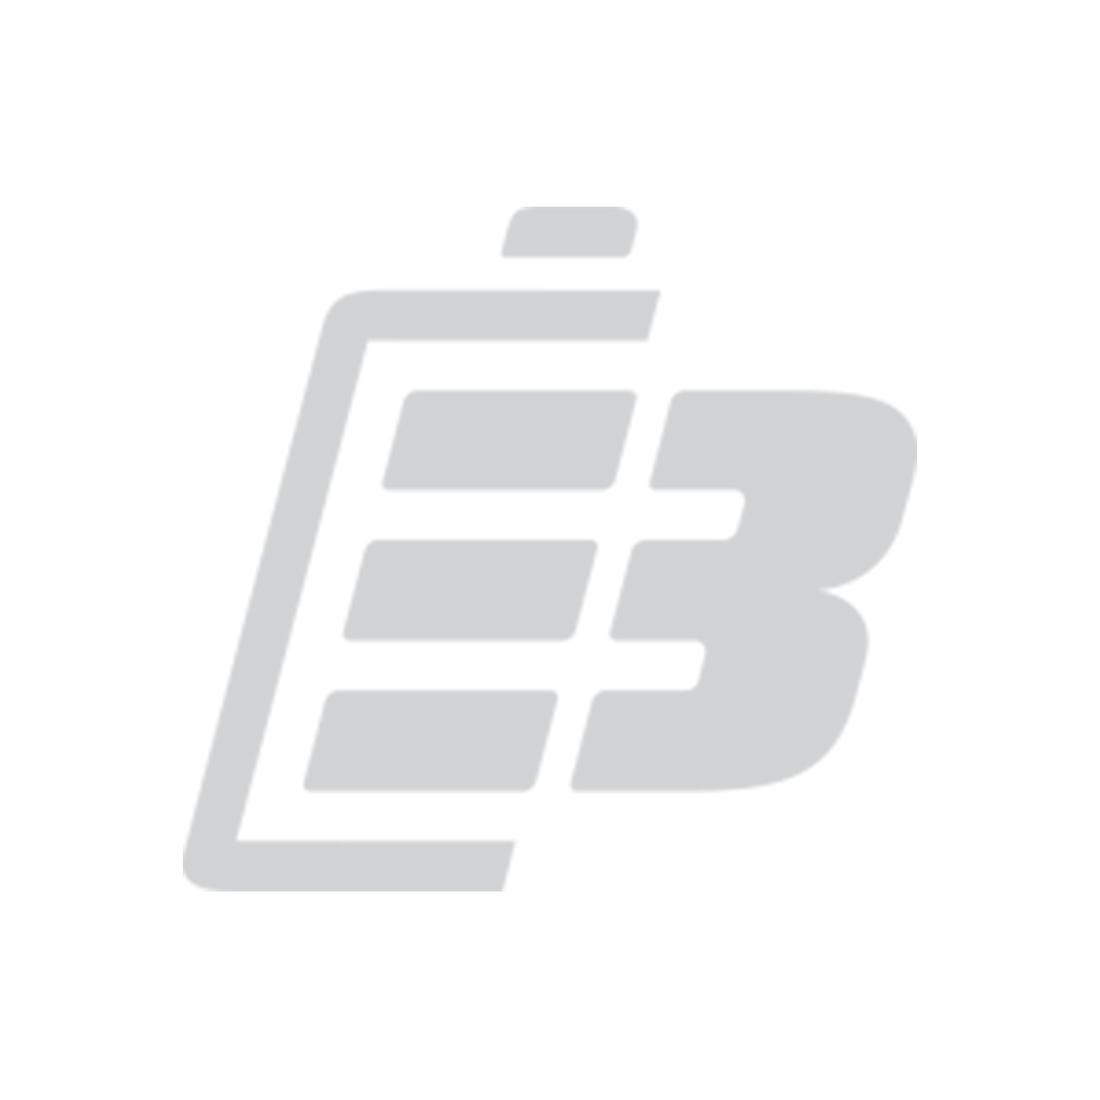 Efan INR 26650 battery 5500mAh 60A